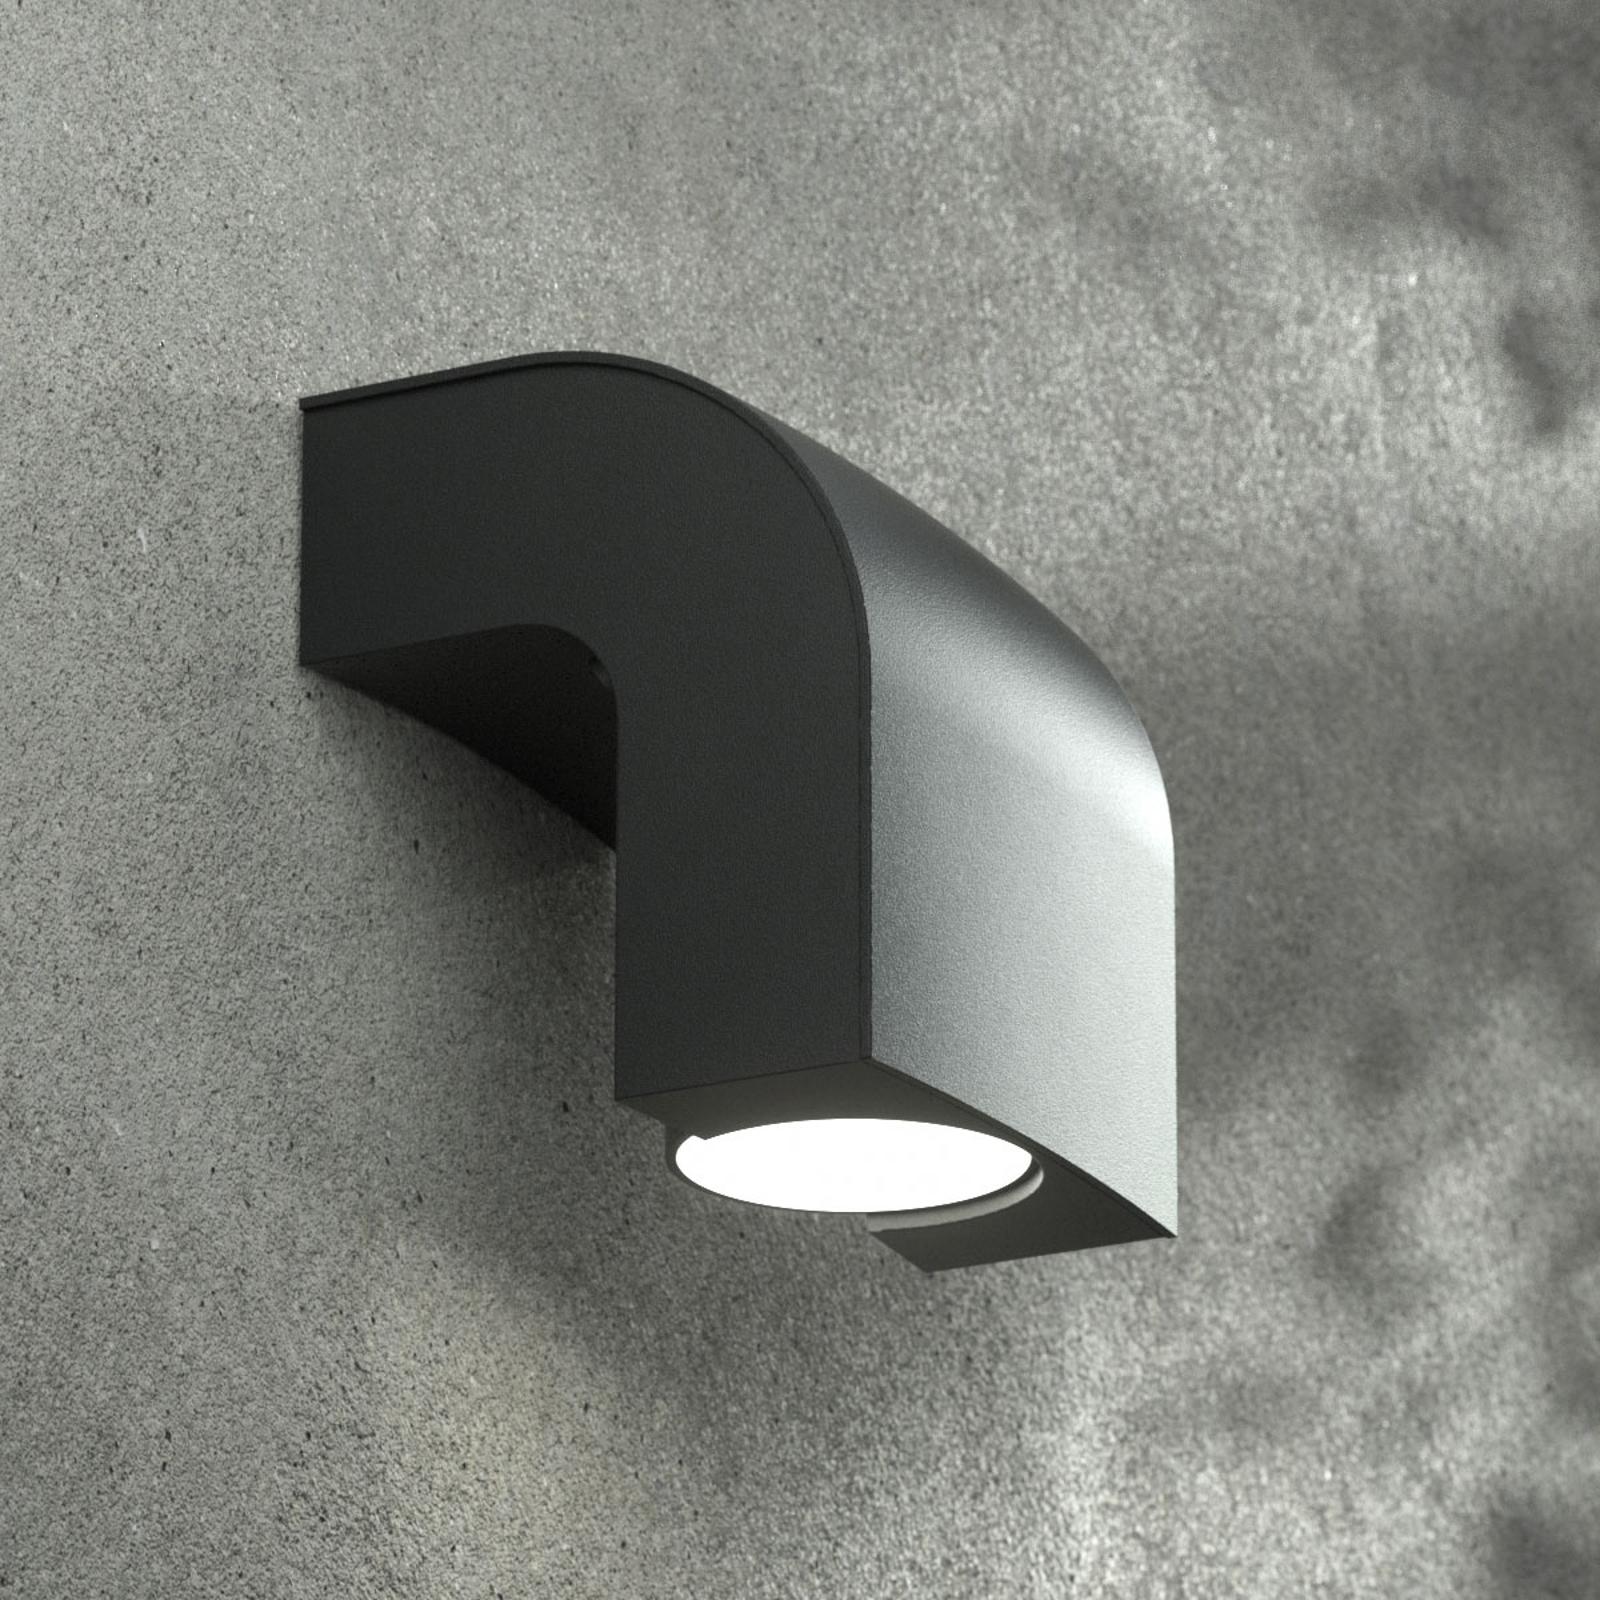 Außenwandleuchte KLAMP, Höhe 13 cm, einflammig